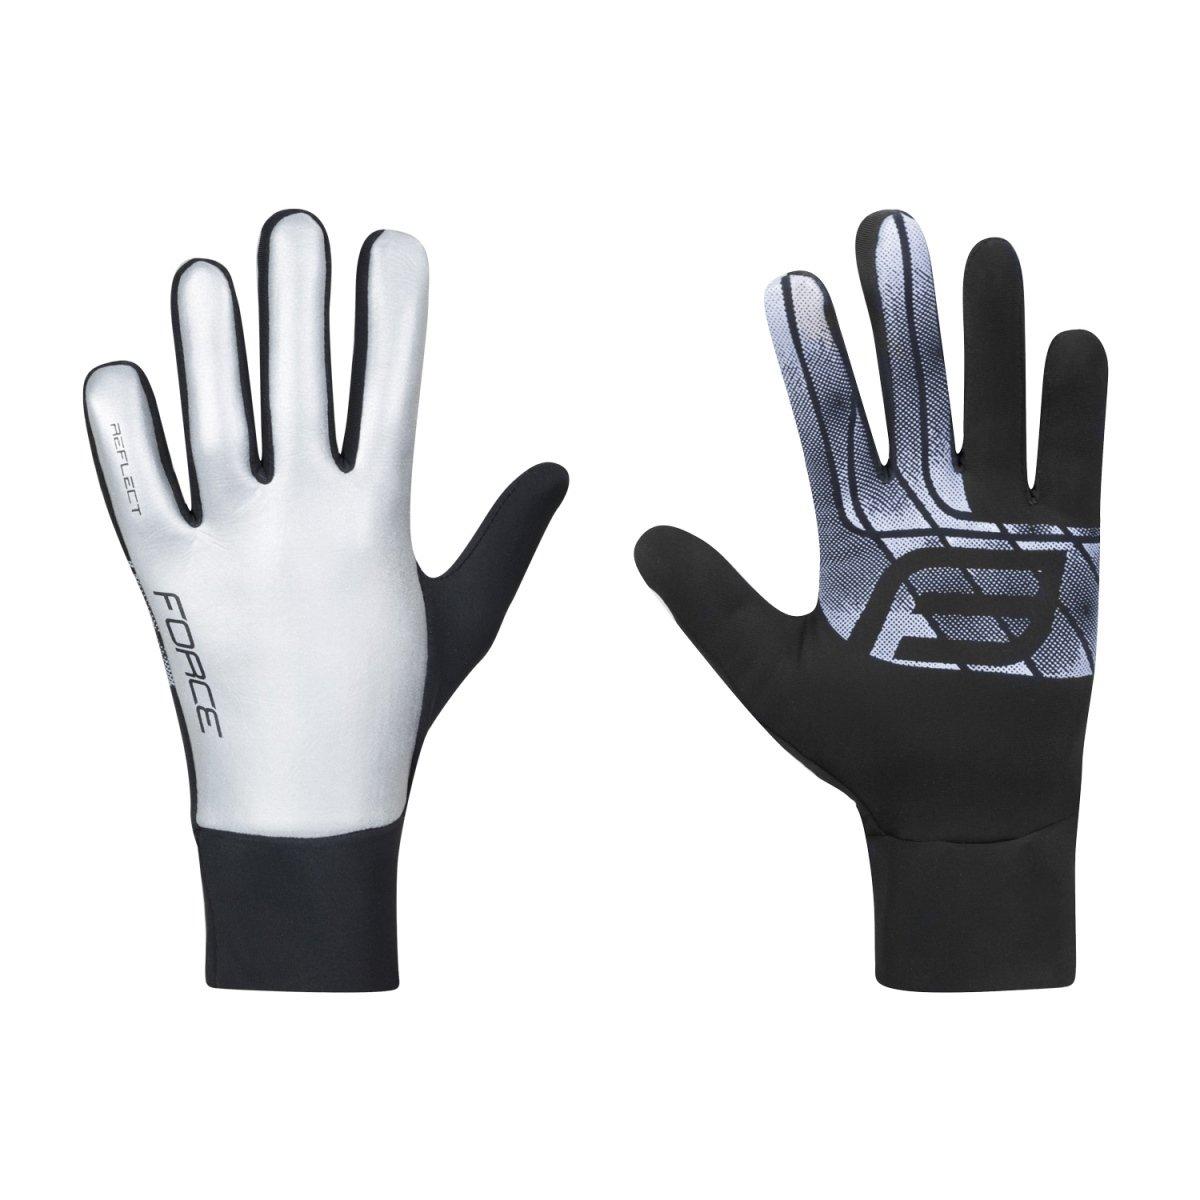 Force Reflect Handsker med refleks | Handsker